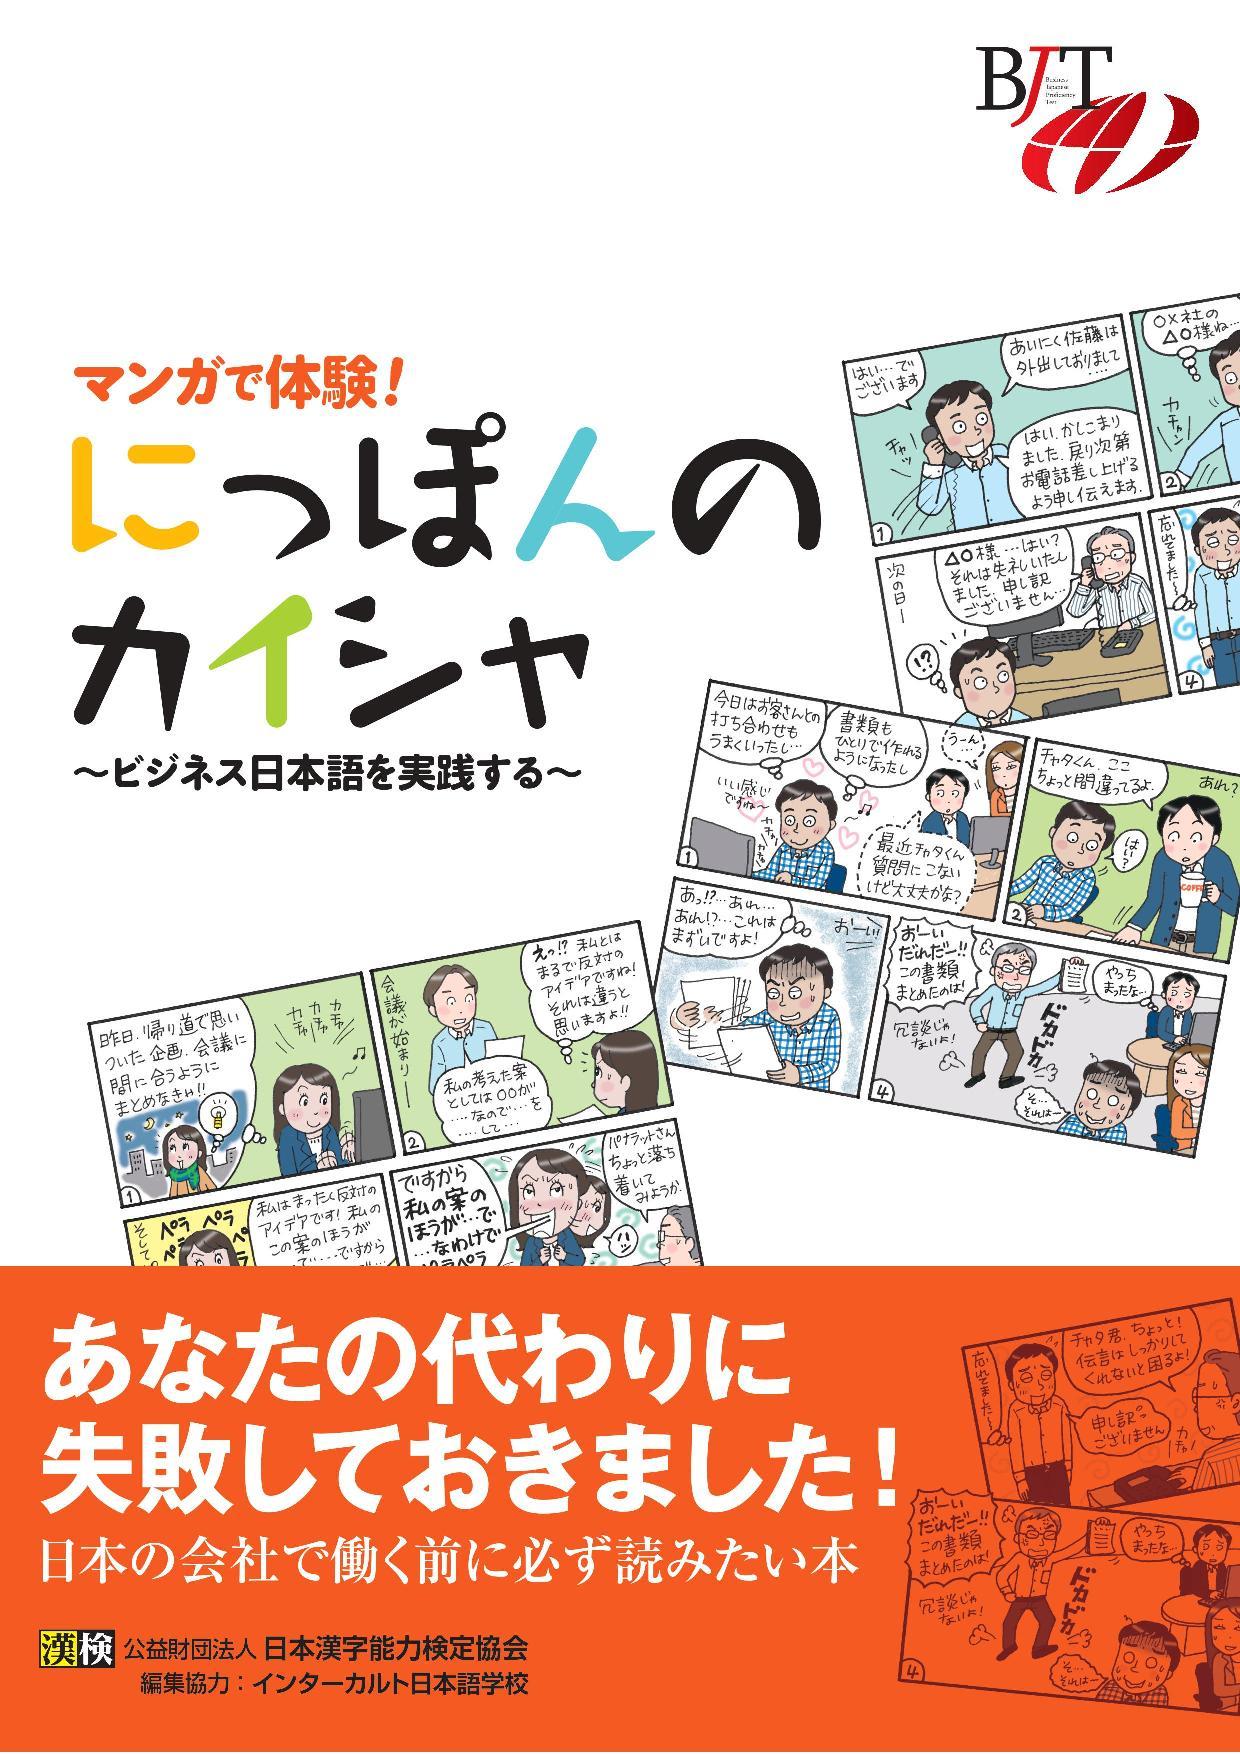 マンガで体験! にっぽんのカイシャ ~ビジネス日本語を実践する~の画像